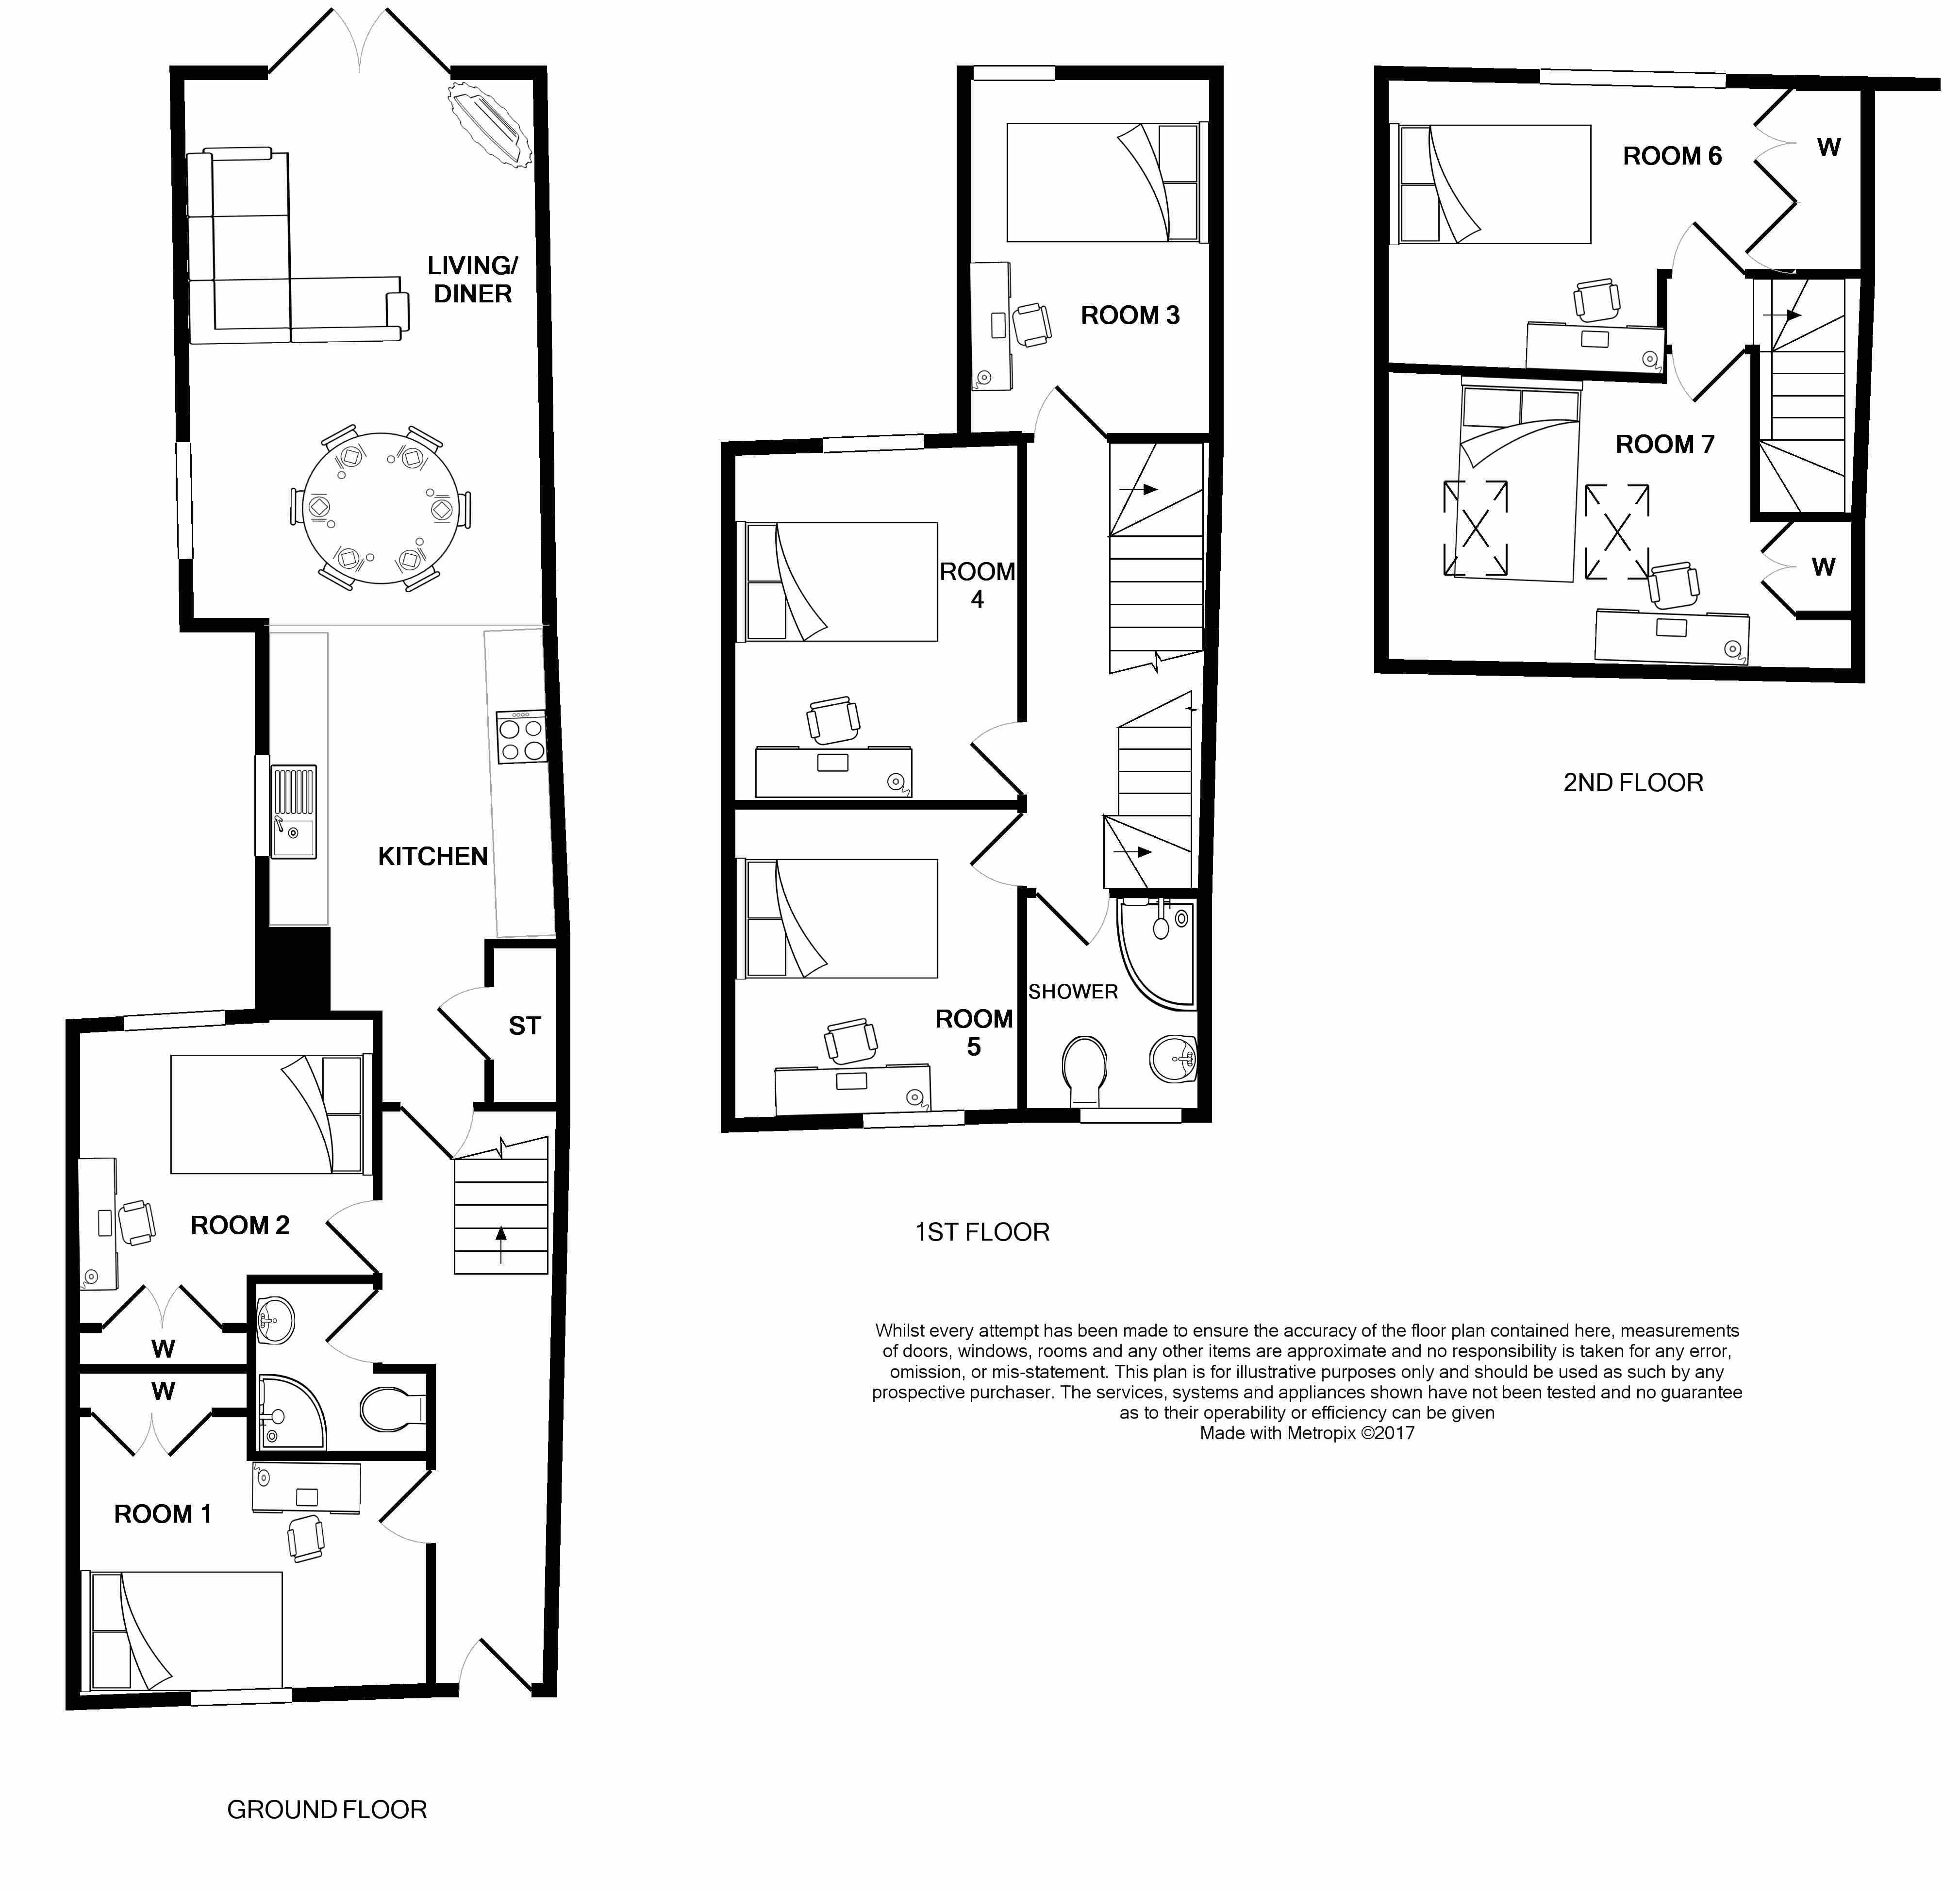 84 Bedford Street floorplans